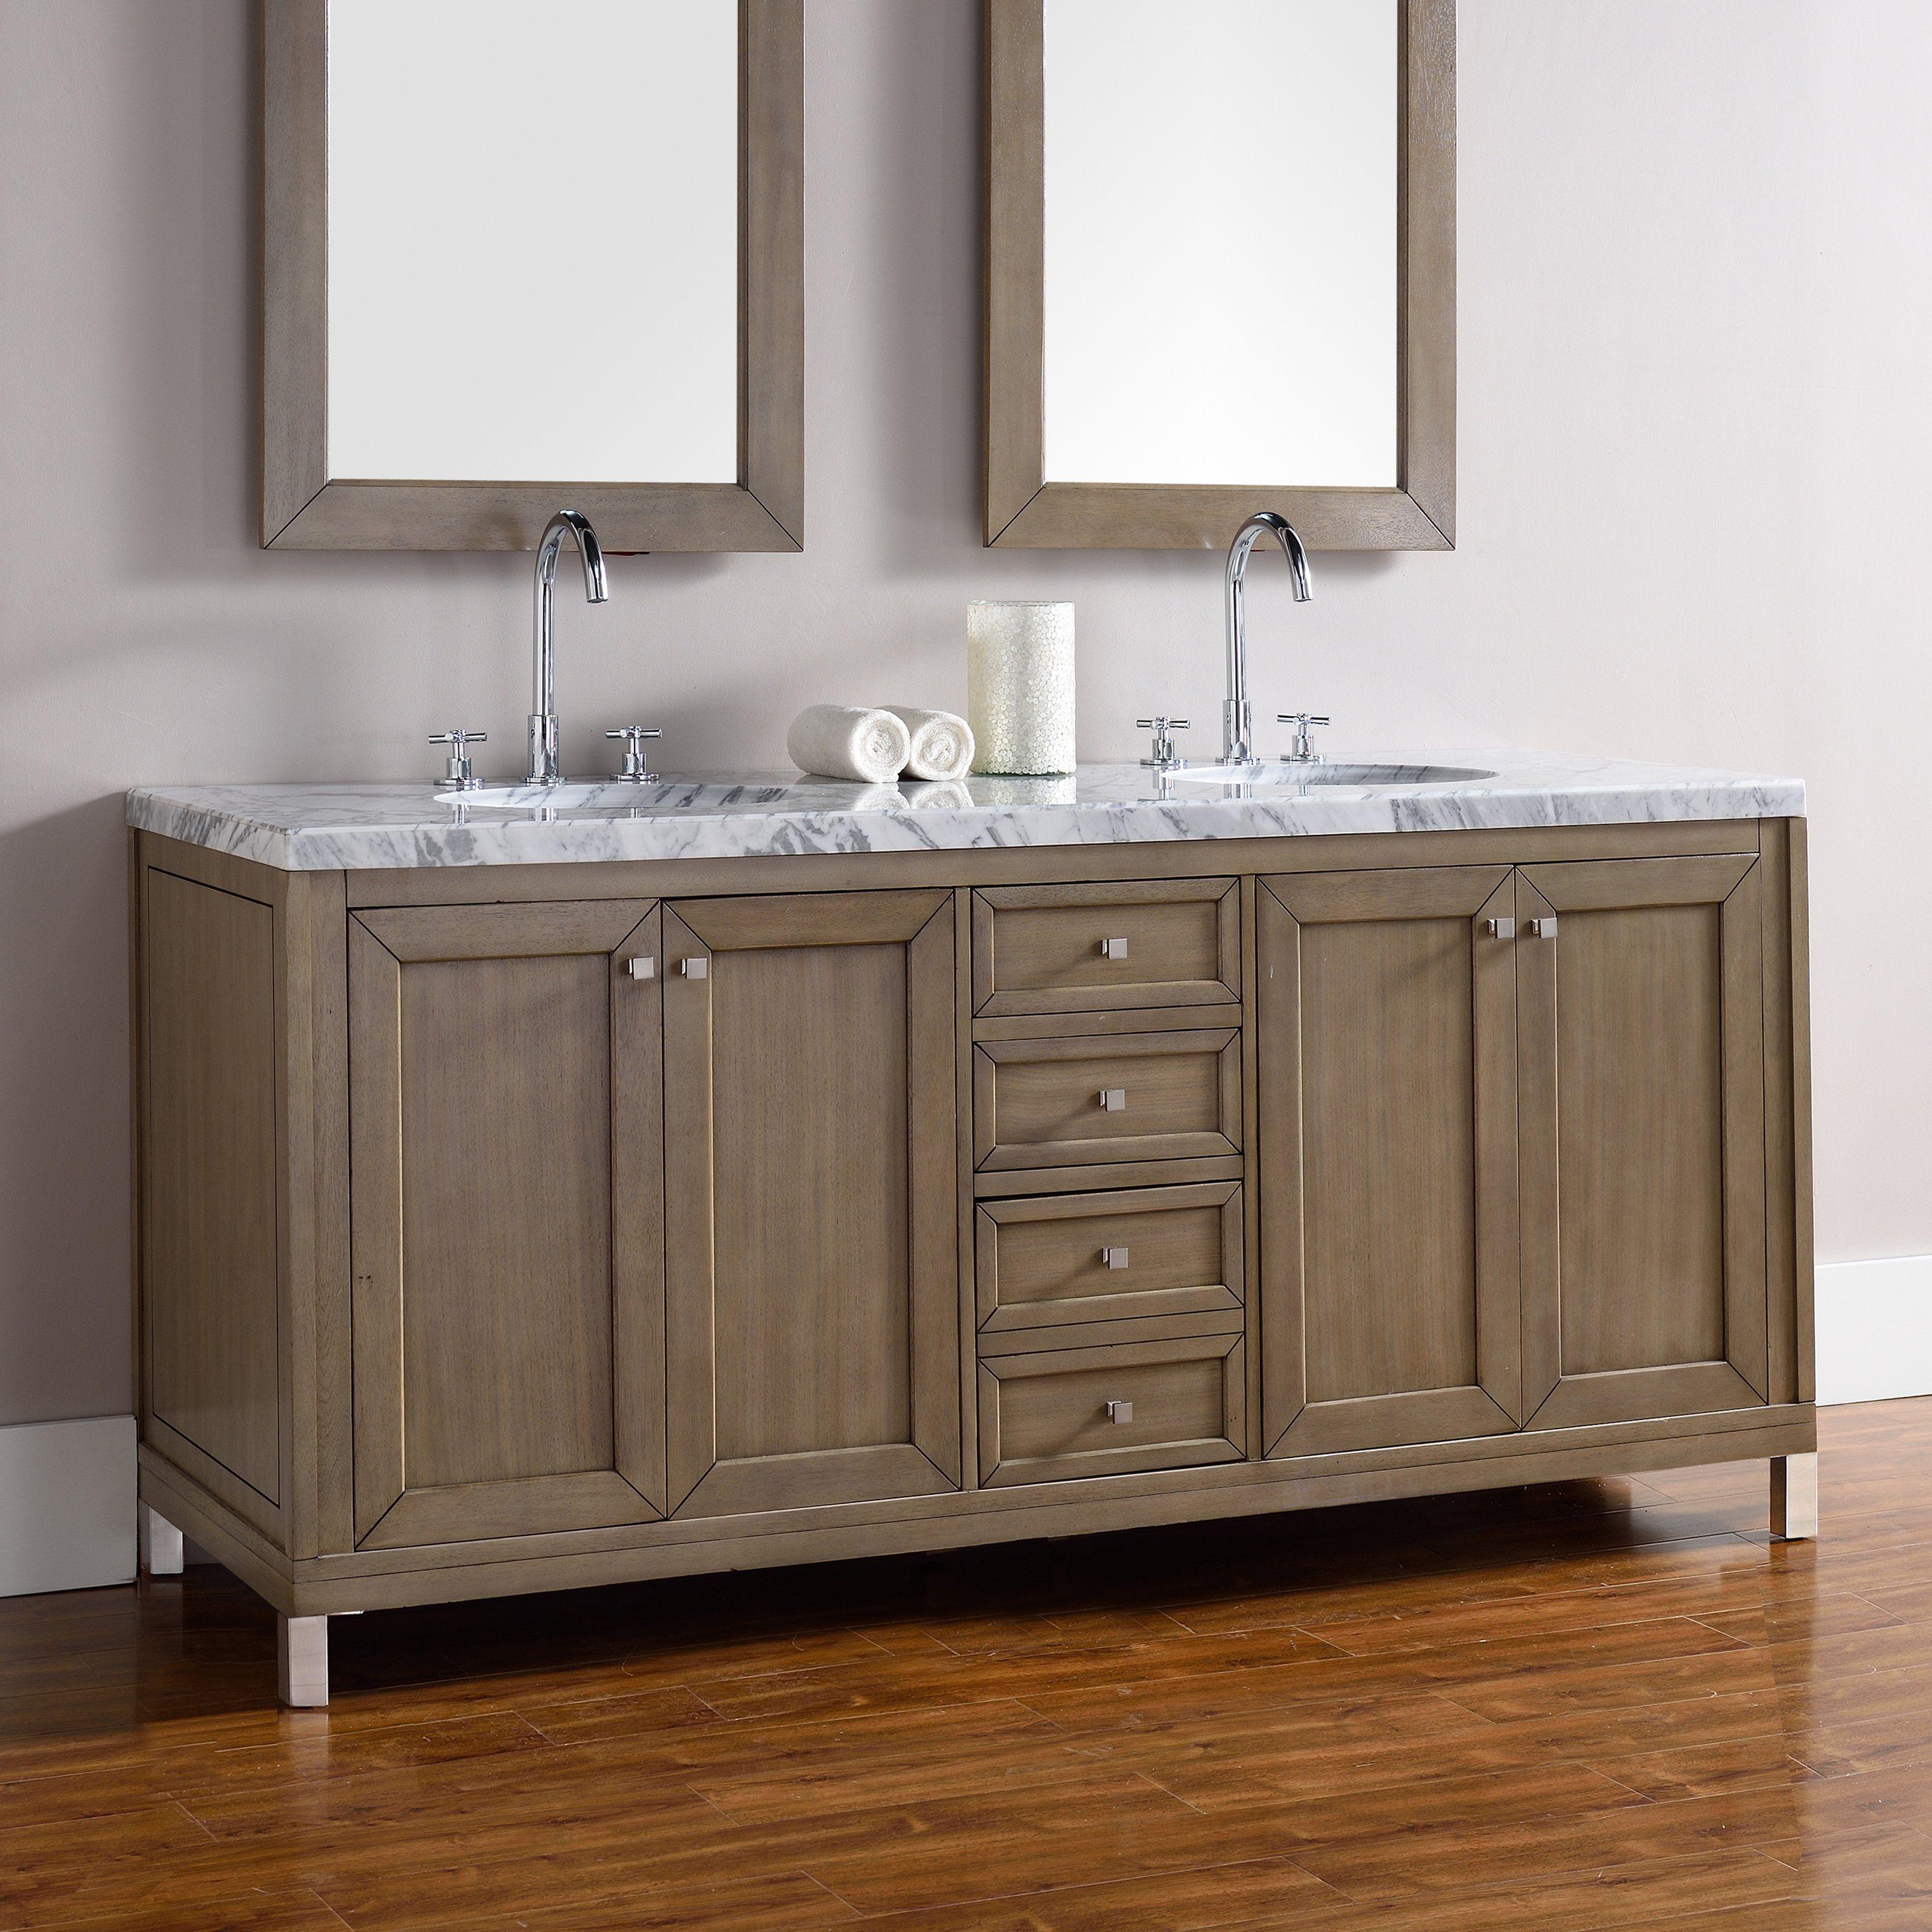 James Martin Chicago In Double Bathroom Vanity VWWW - Chicago bathroom vanity stores